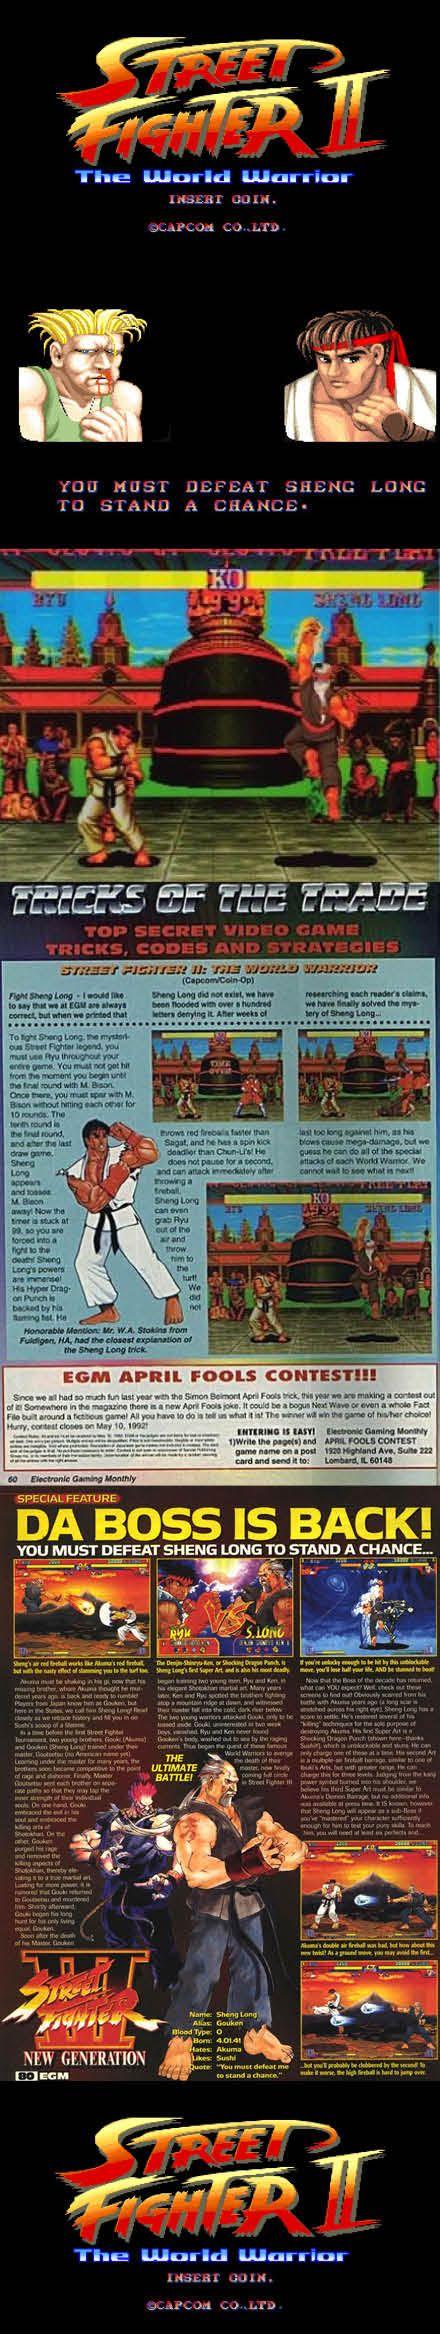 #RetroGamer #ArcadeGamer #GamerMyth What is the full story of #ShengLong in #StreetFighter 2?  http://www.levelgamingground.com/is-sheng-long-real-in-street-fighter-2.html